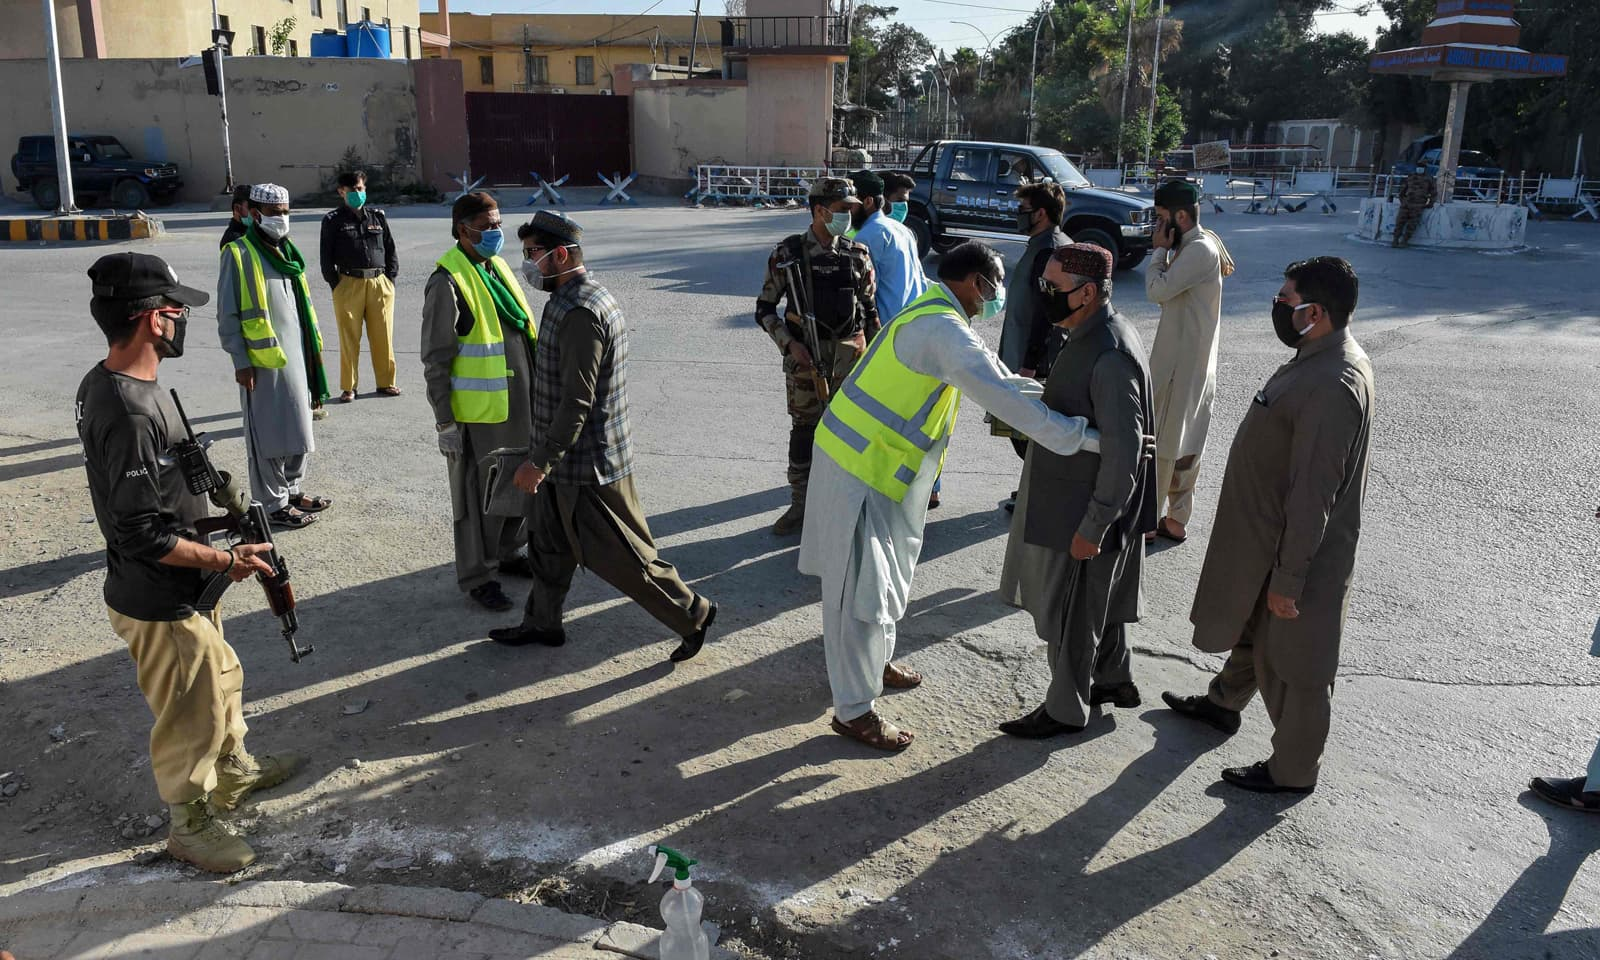 ملک بھر میں عیدالفطر کے موقع پر سخت حفاظتی انتظامات کیے گئے تھے— فوٹو: اے ایف پی